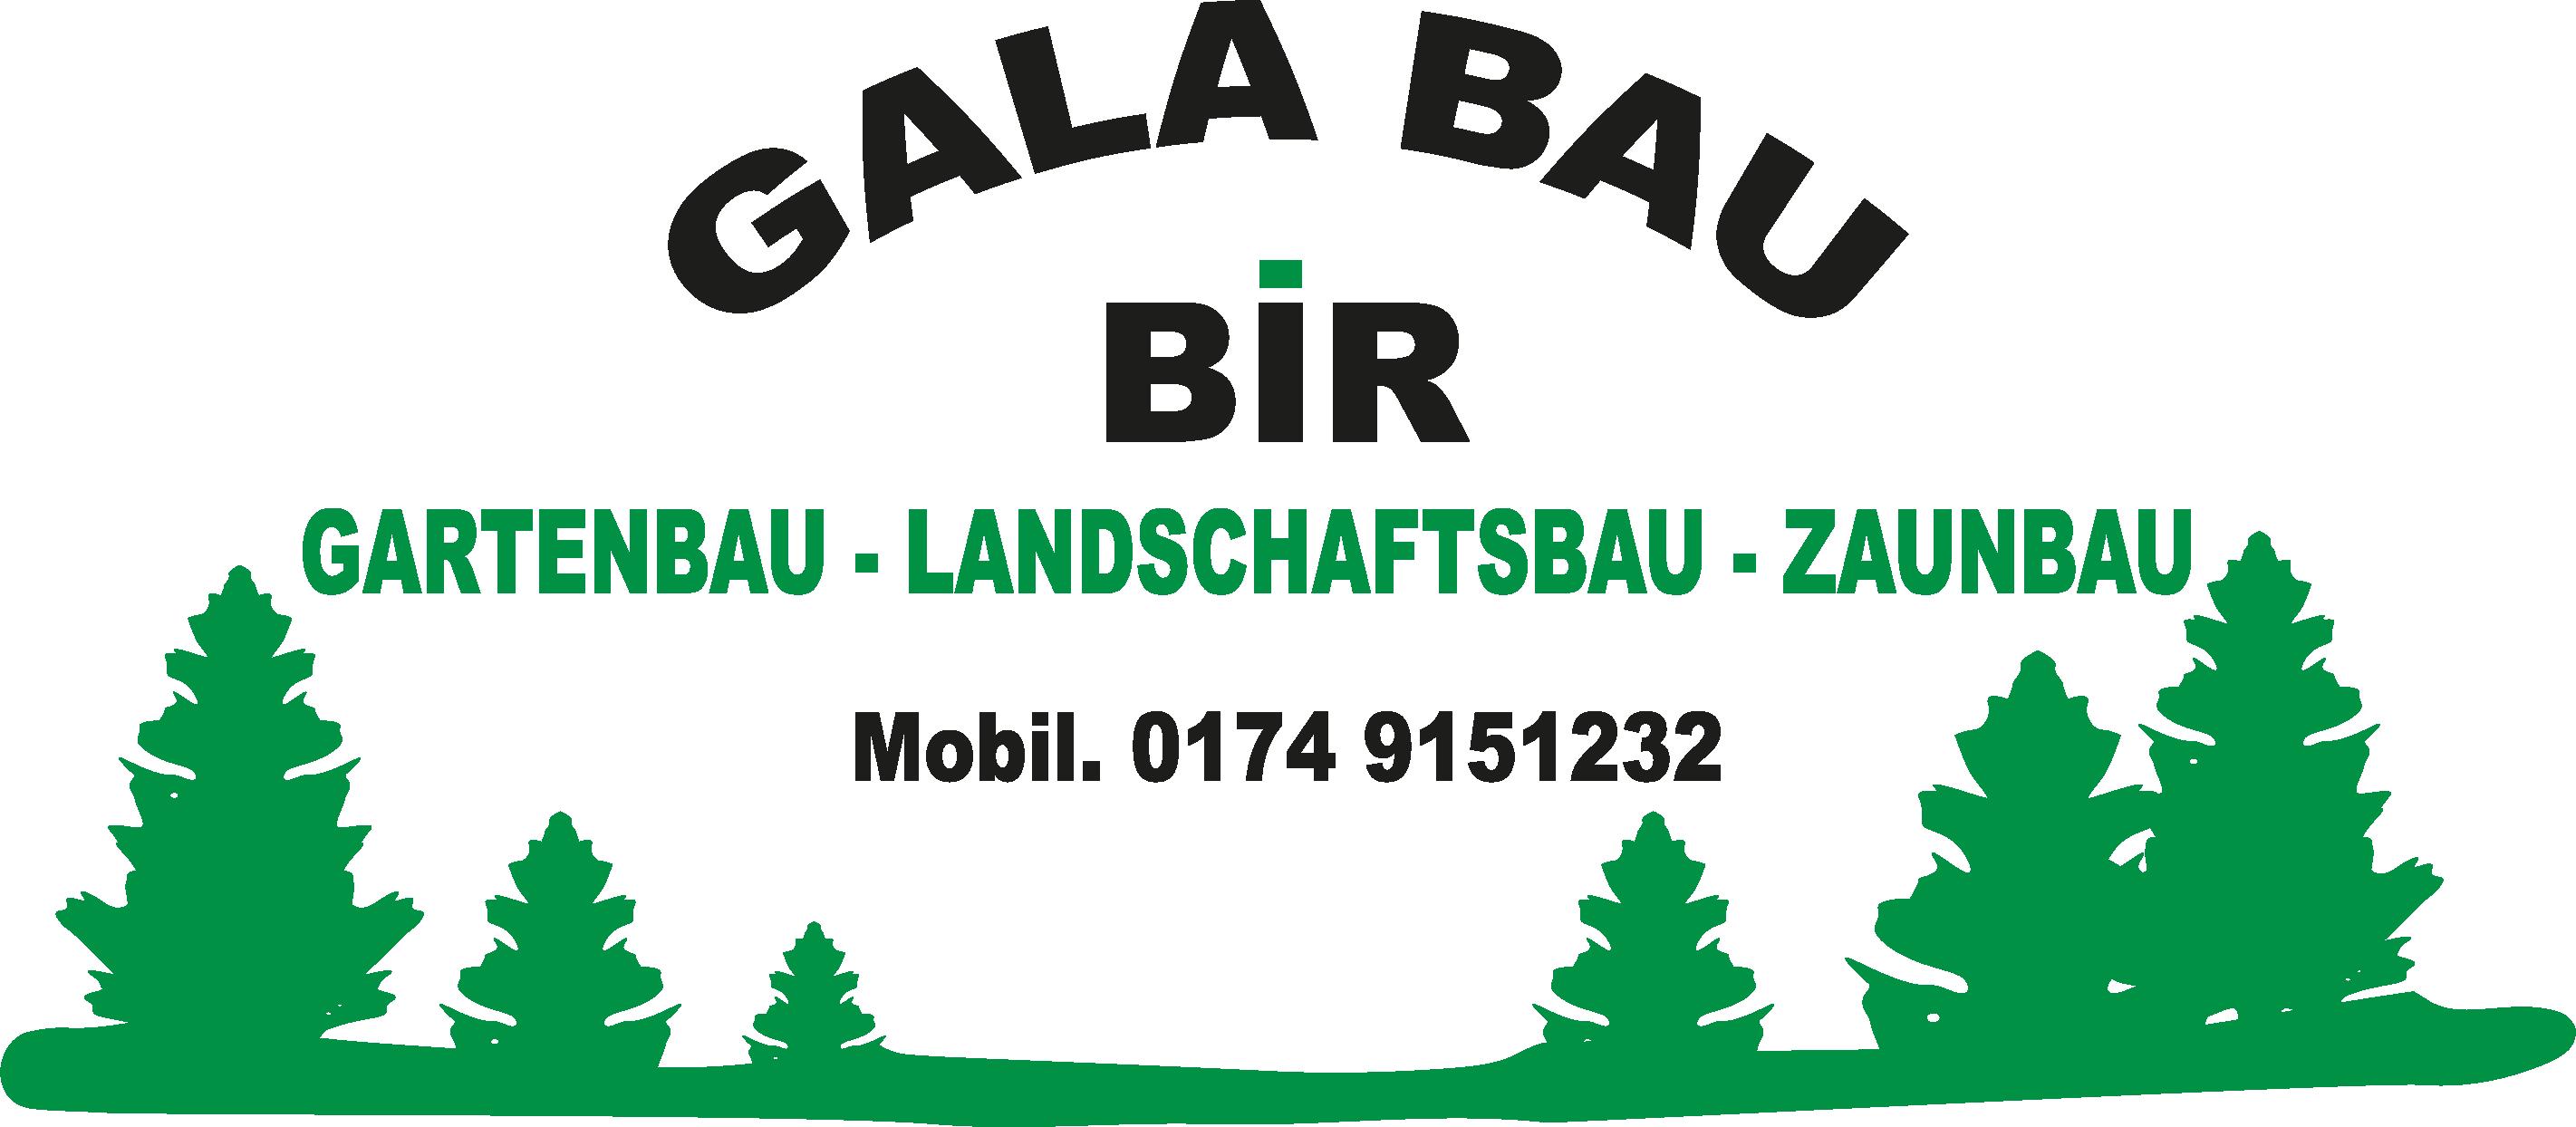 Galabau Bir